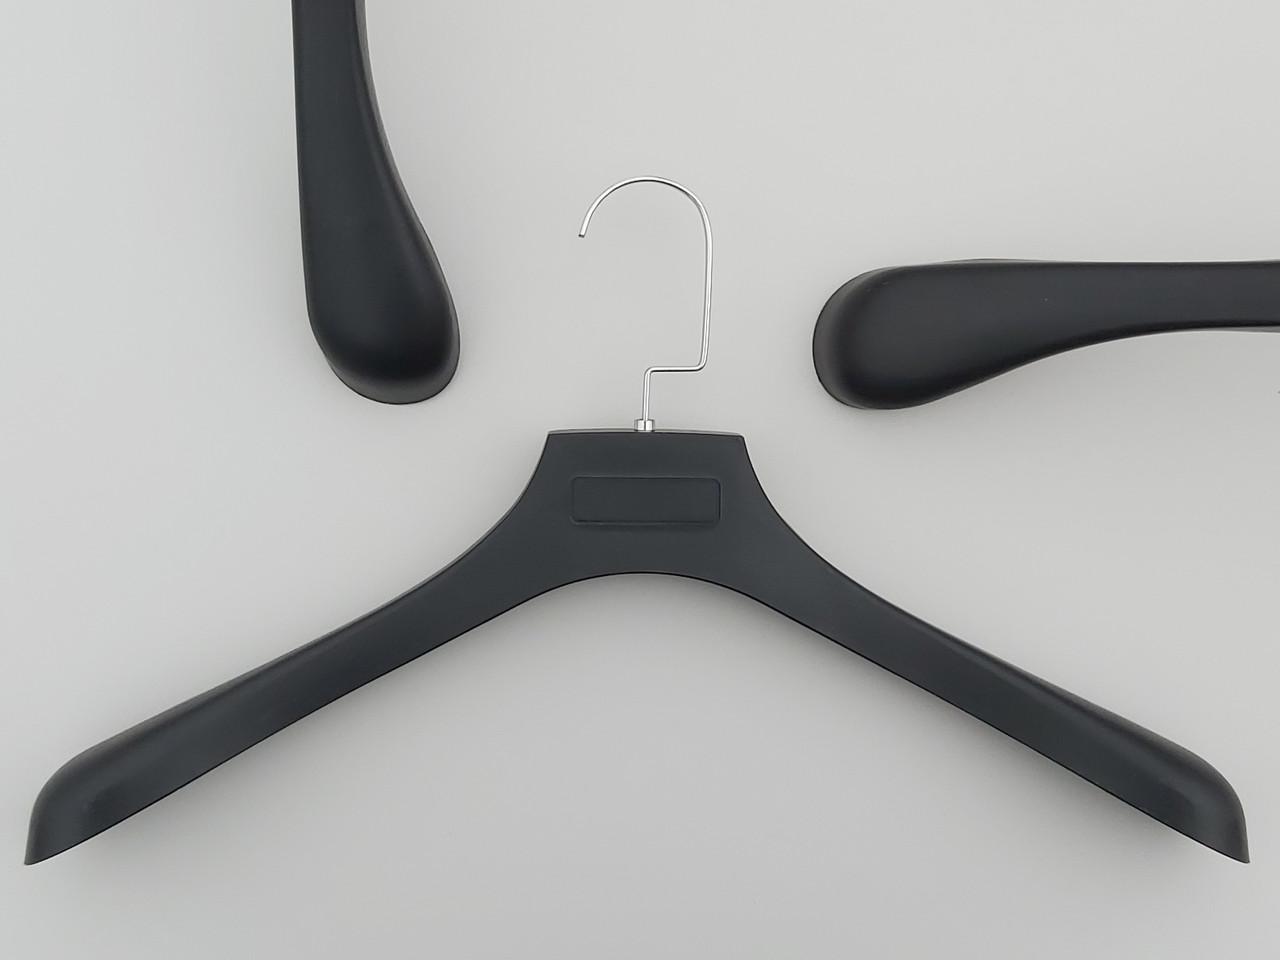 Плечики вешалки тремпеля  ПД45 черного цвета под дерево, длина 45,5 см